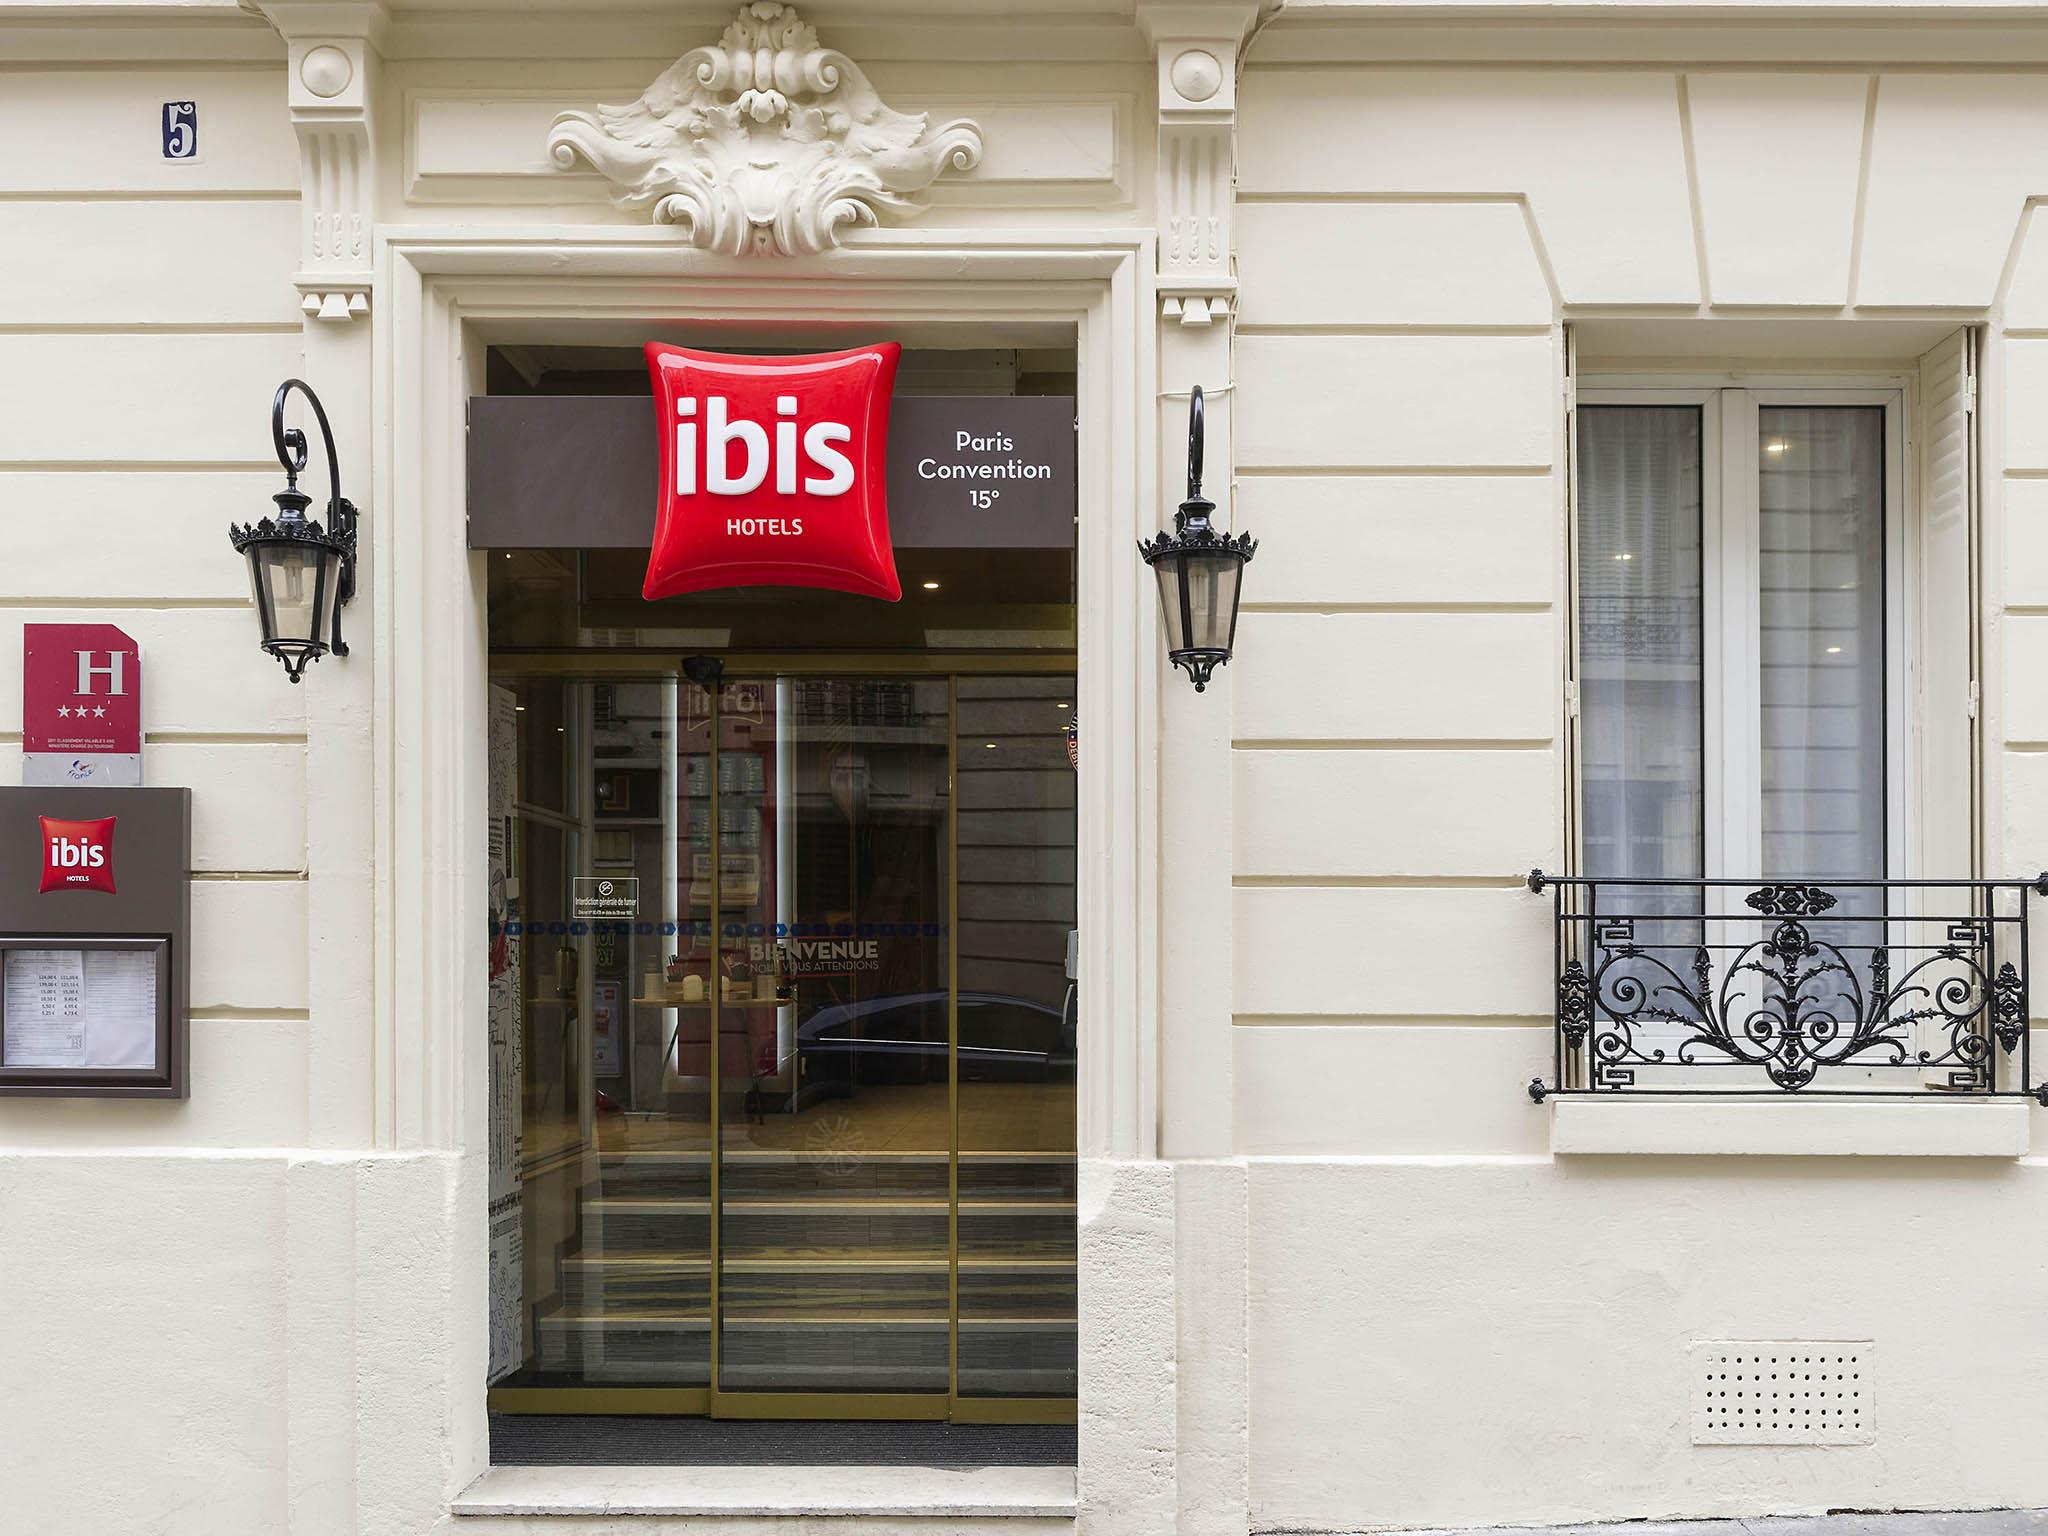 Hotel in paris ibis paris vaugirard porte de versailles - Hotels near porte de versailles exhibition centre ...